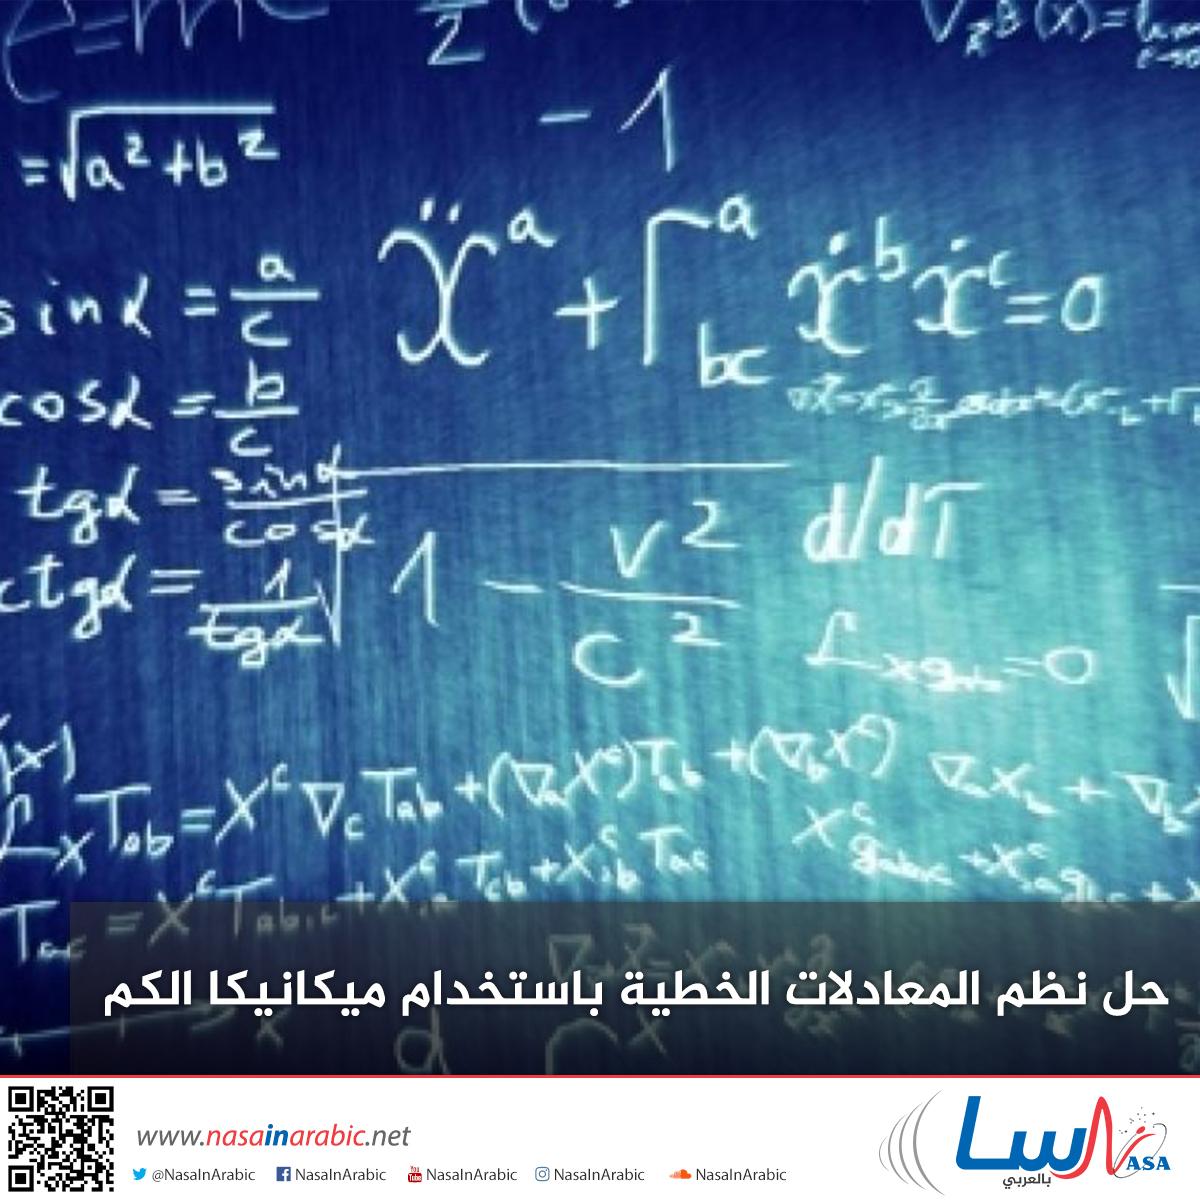 حل نظم المعادلات الخطية باستخدام ميكانيكا الكم